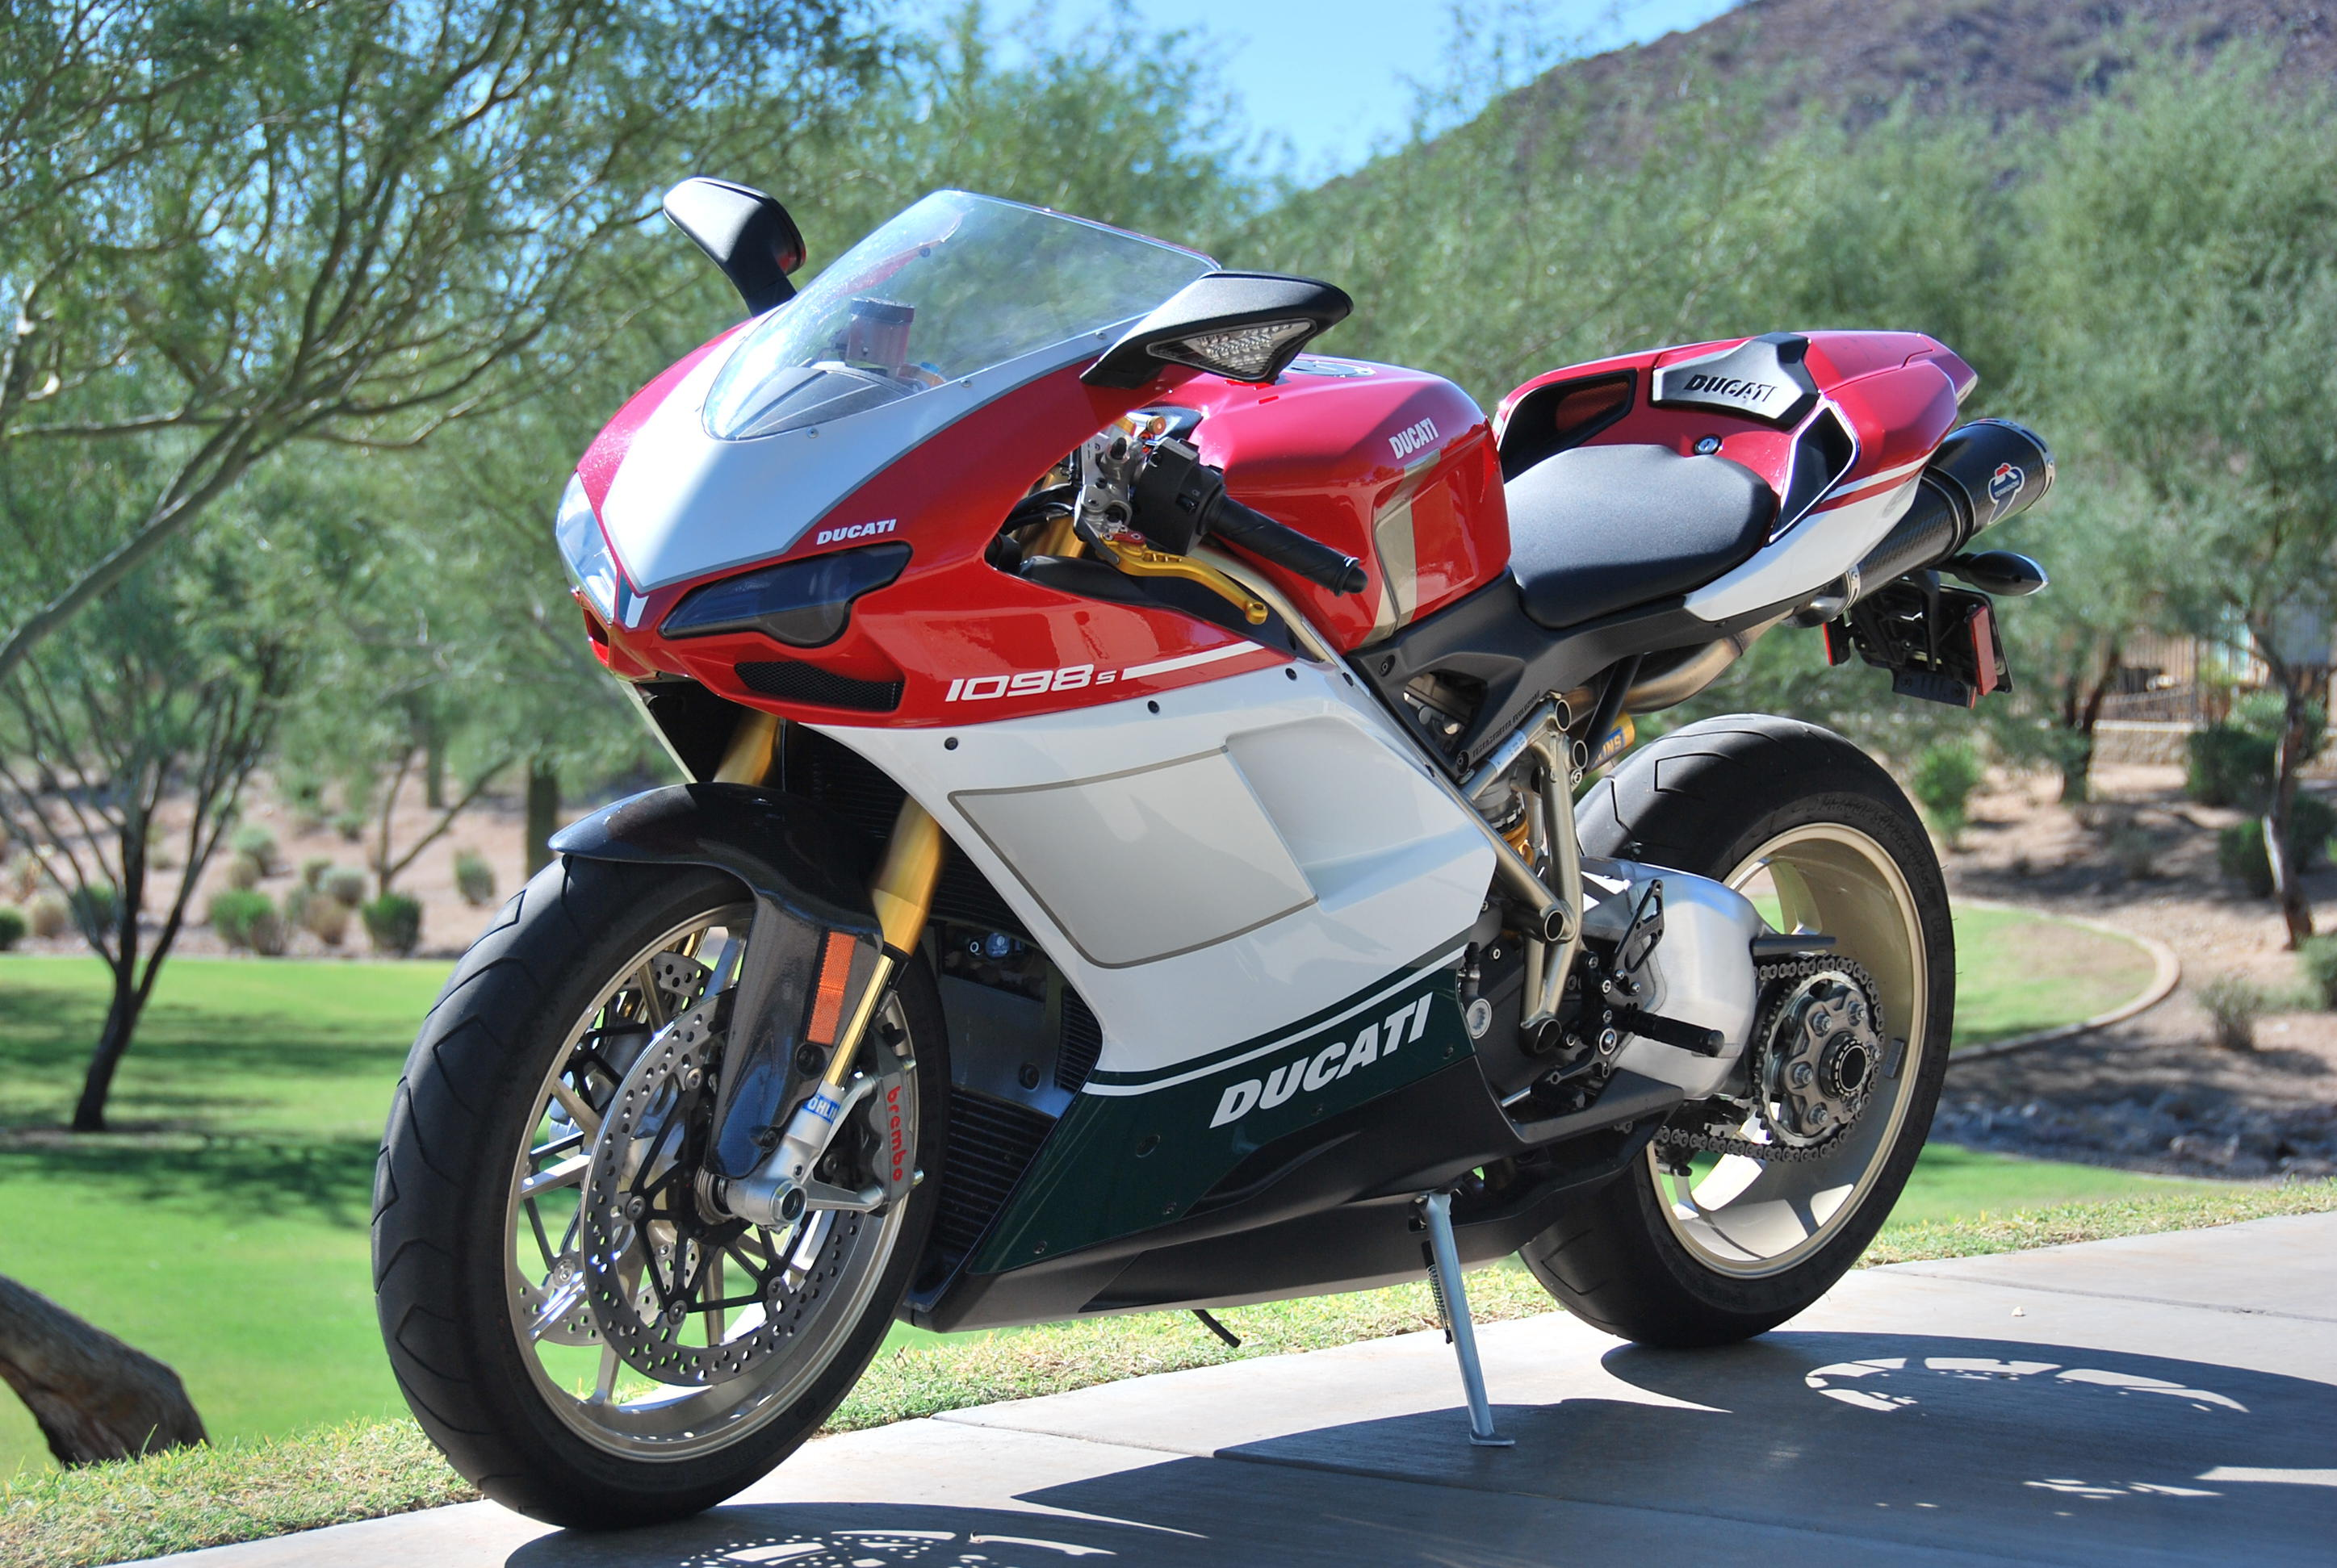 1098s TriColore vs 1198s Corse - Ducati.ms - The Ultimate Ducati Forum